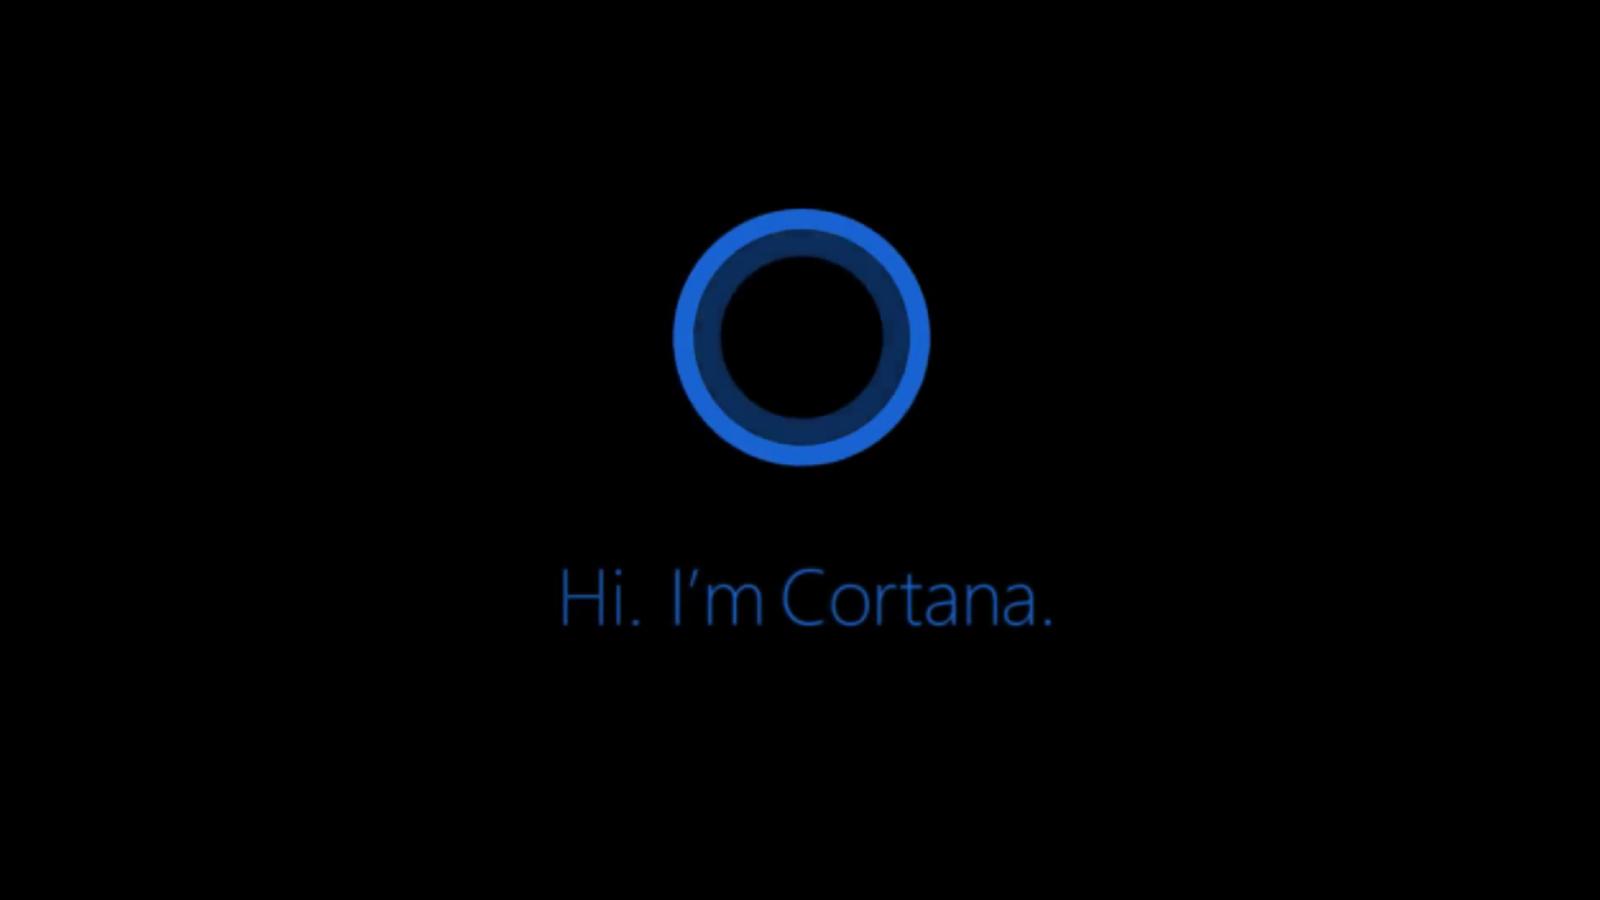 Microsoft хочет создать носимое устройство Clip, в основе которого будет голосовой помощник Cortana